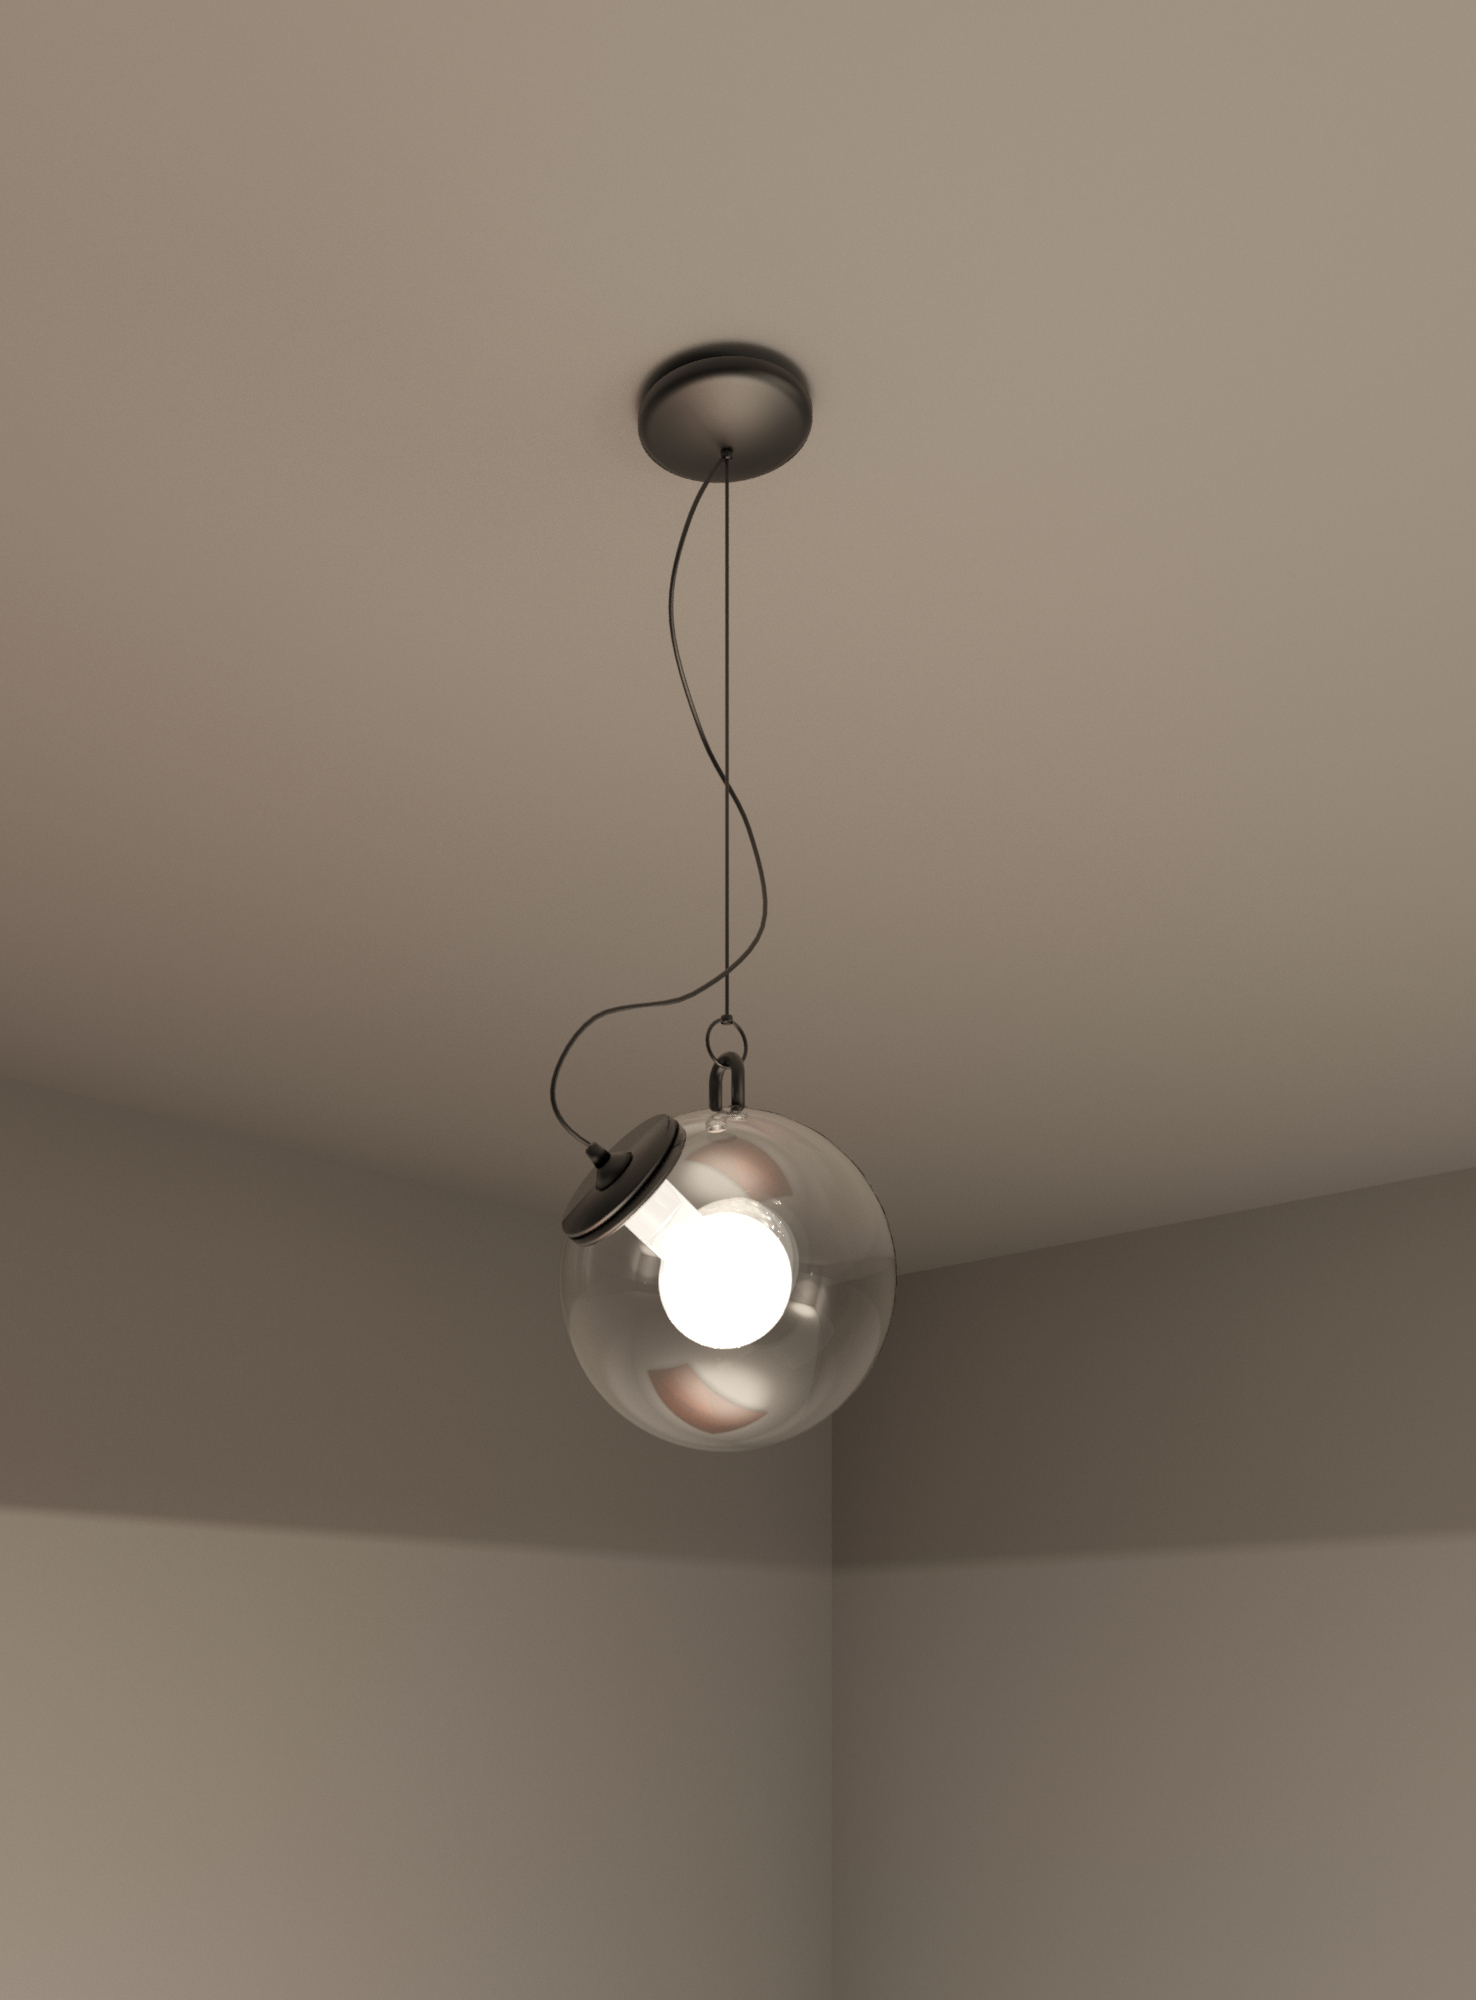 Revit Lamp Modern Revit Lamp Sphere Sphere For Modern For EDH92WI